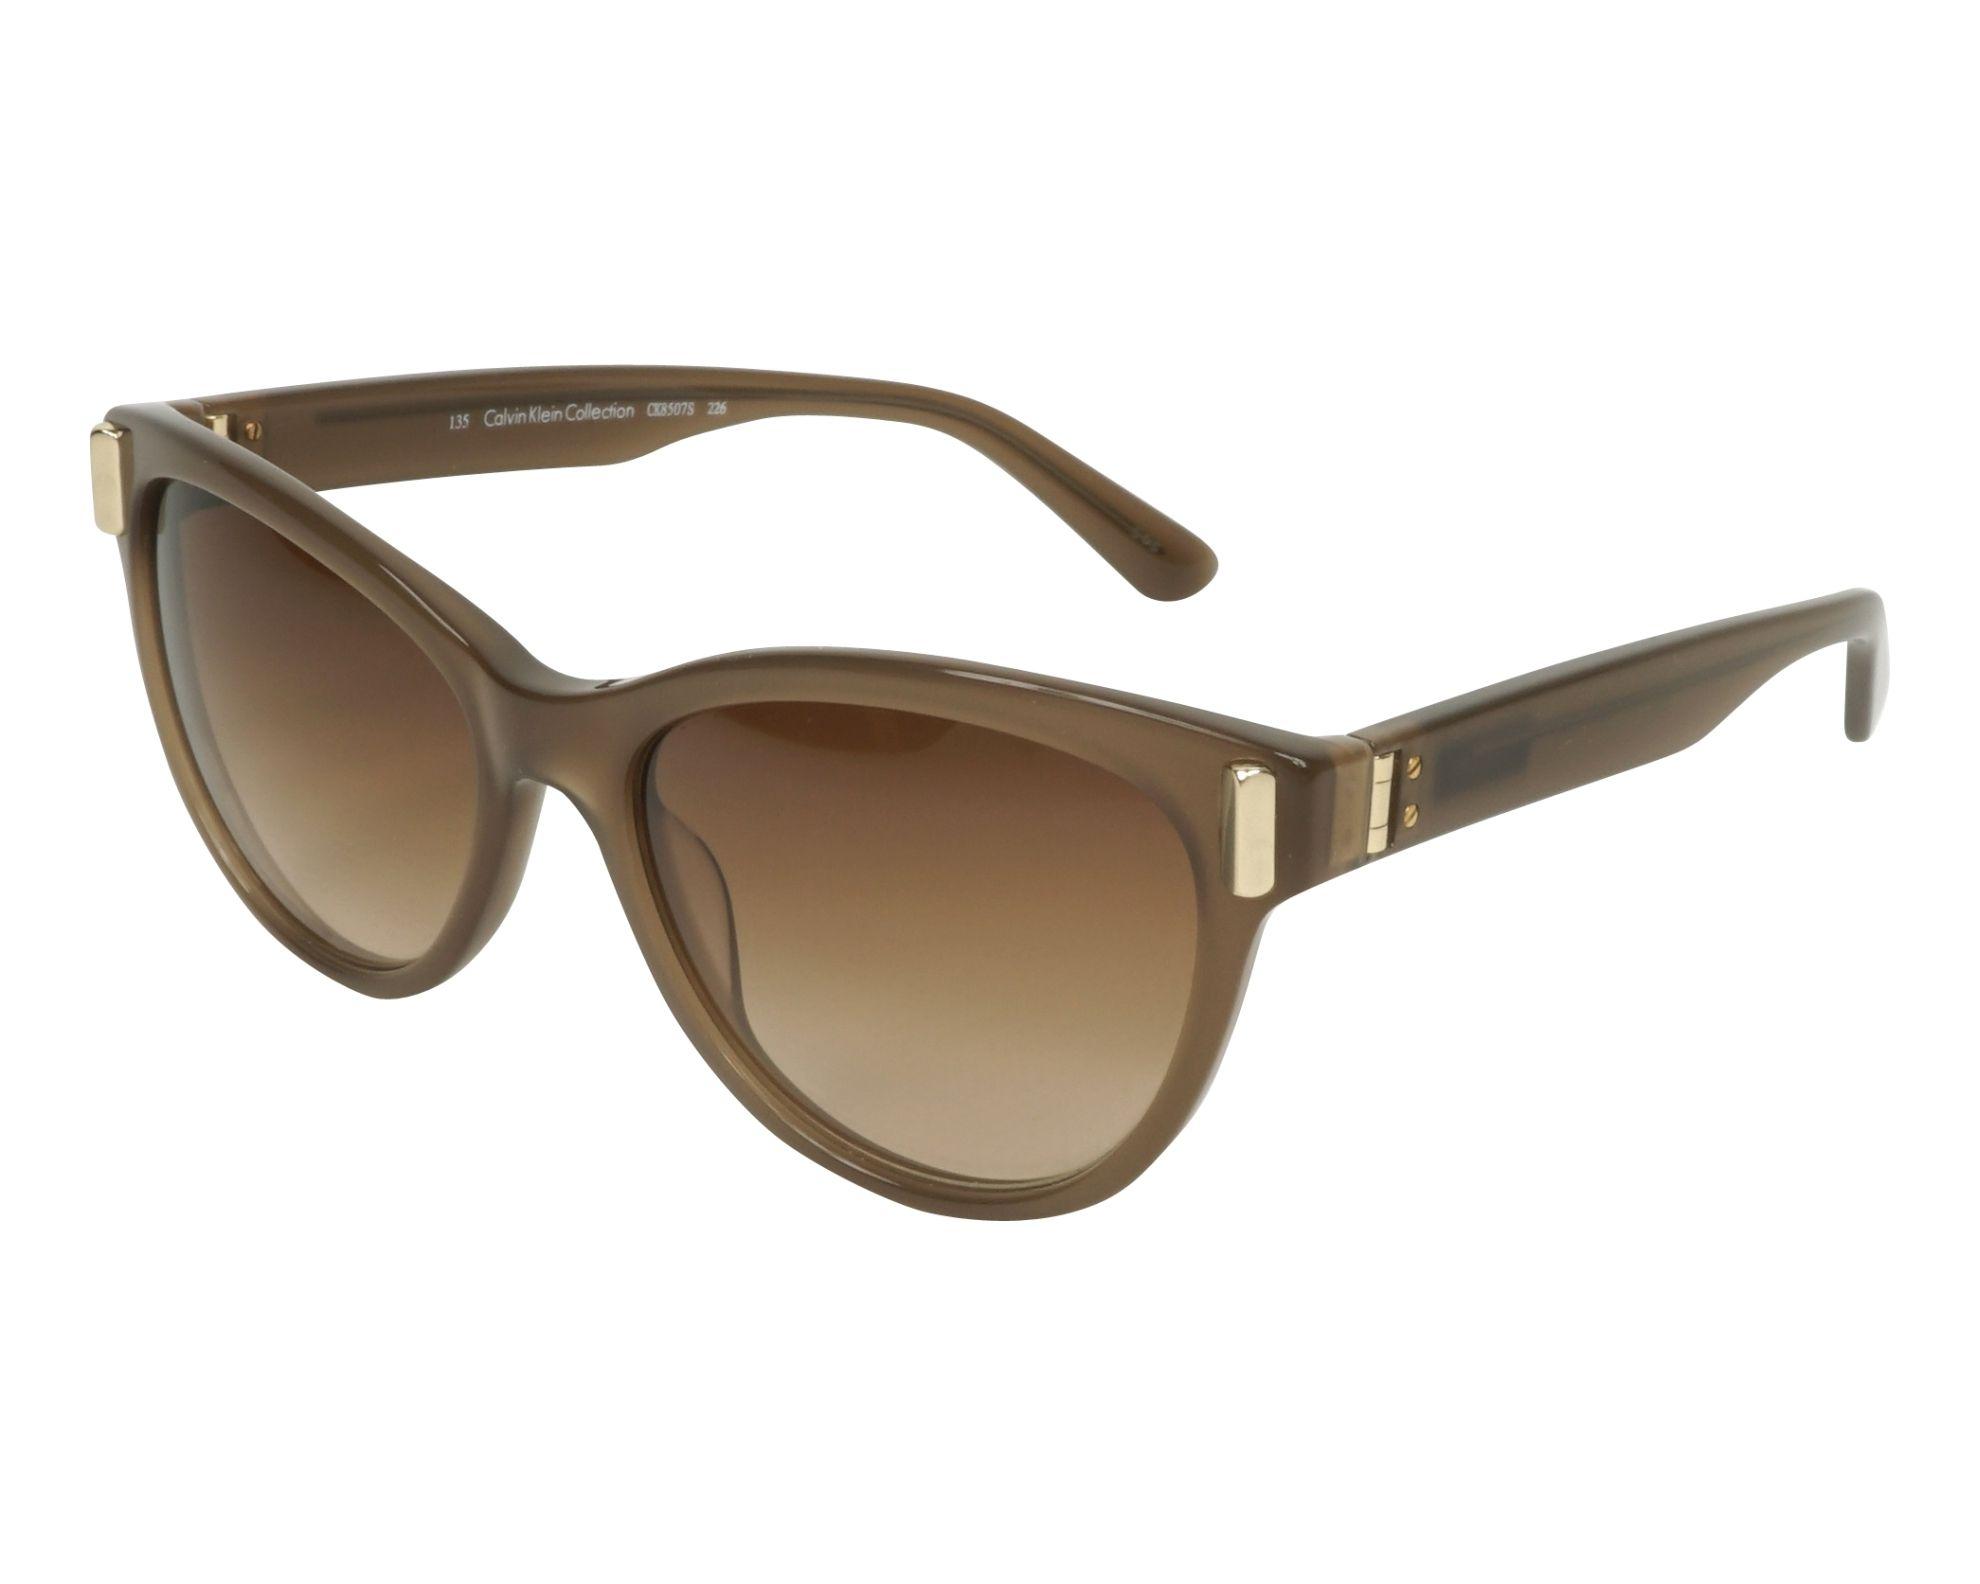 Calvin Klein Damen Sonnenbrille » CK8507S«, braun, 226 - braun/braun